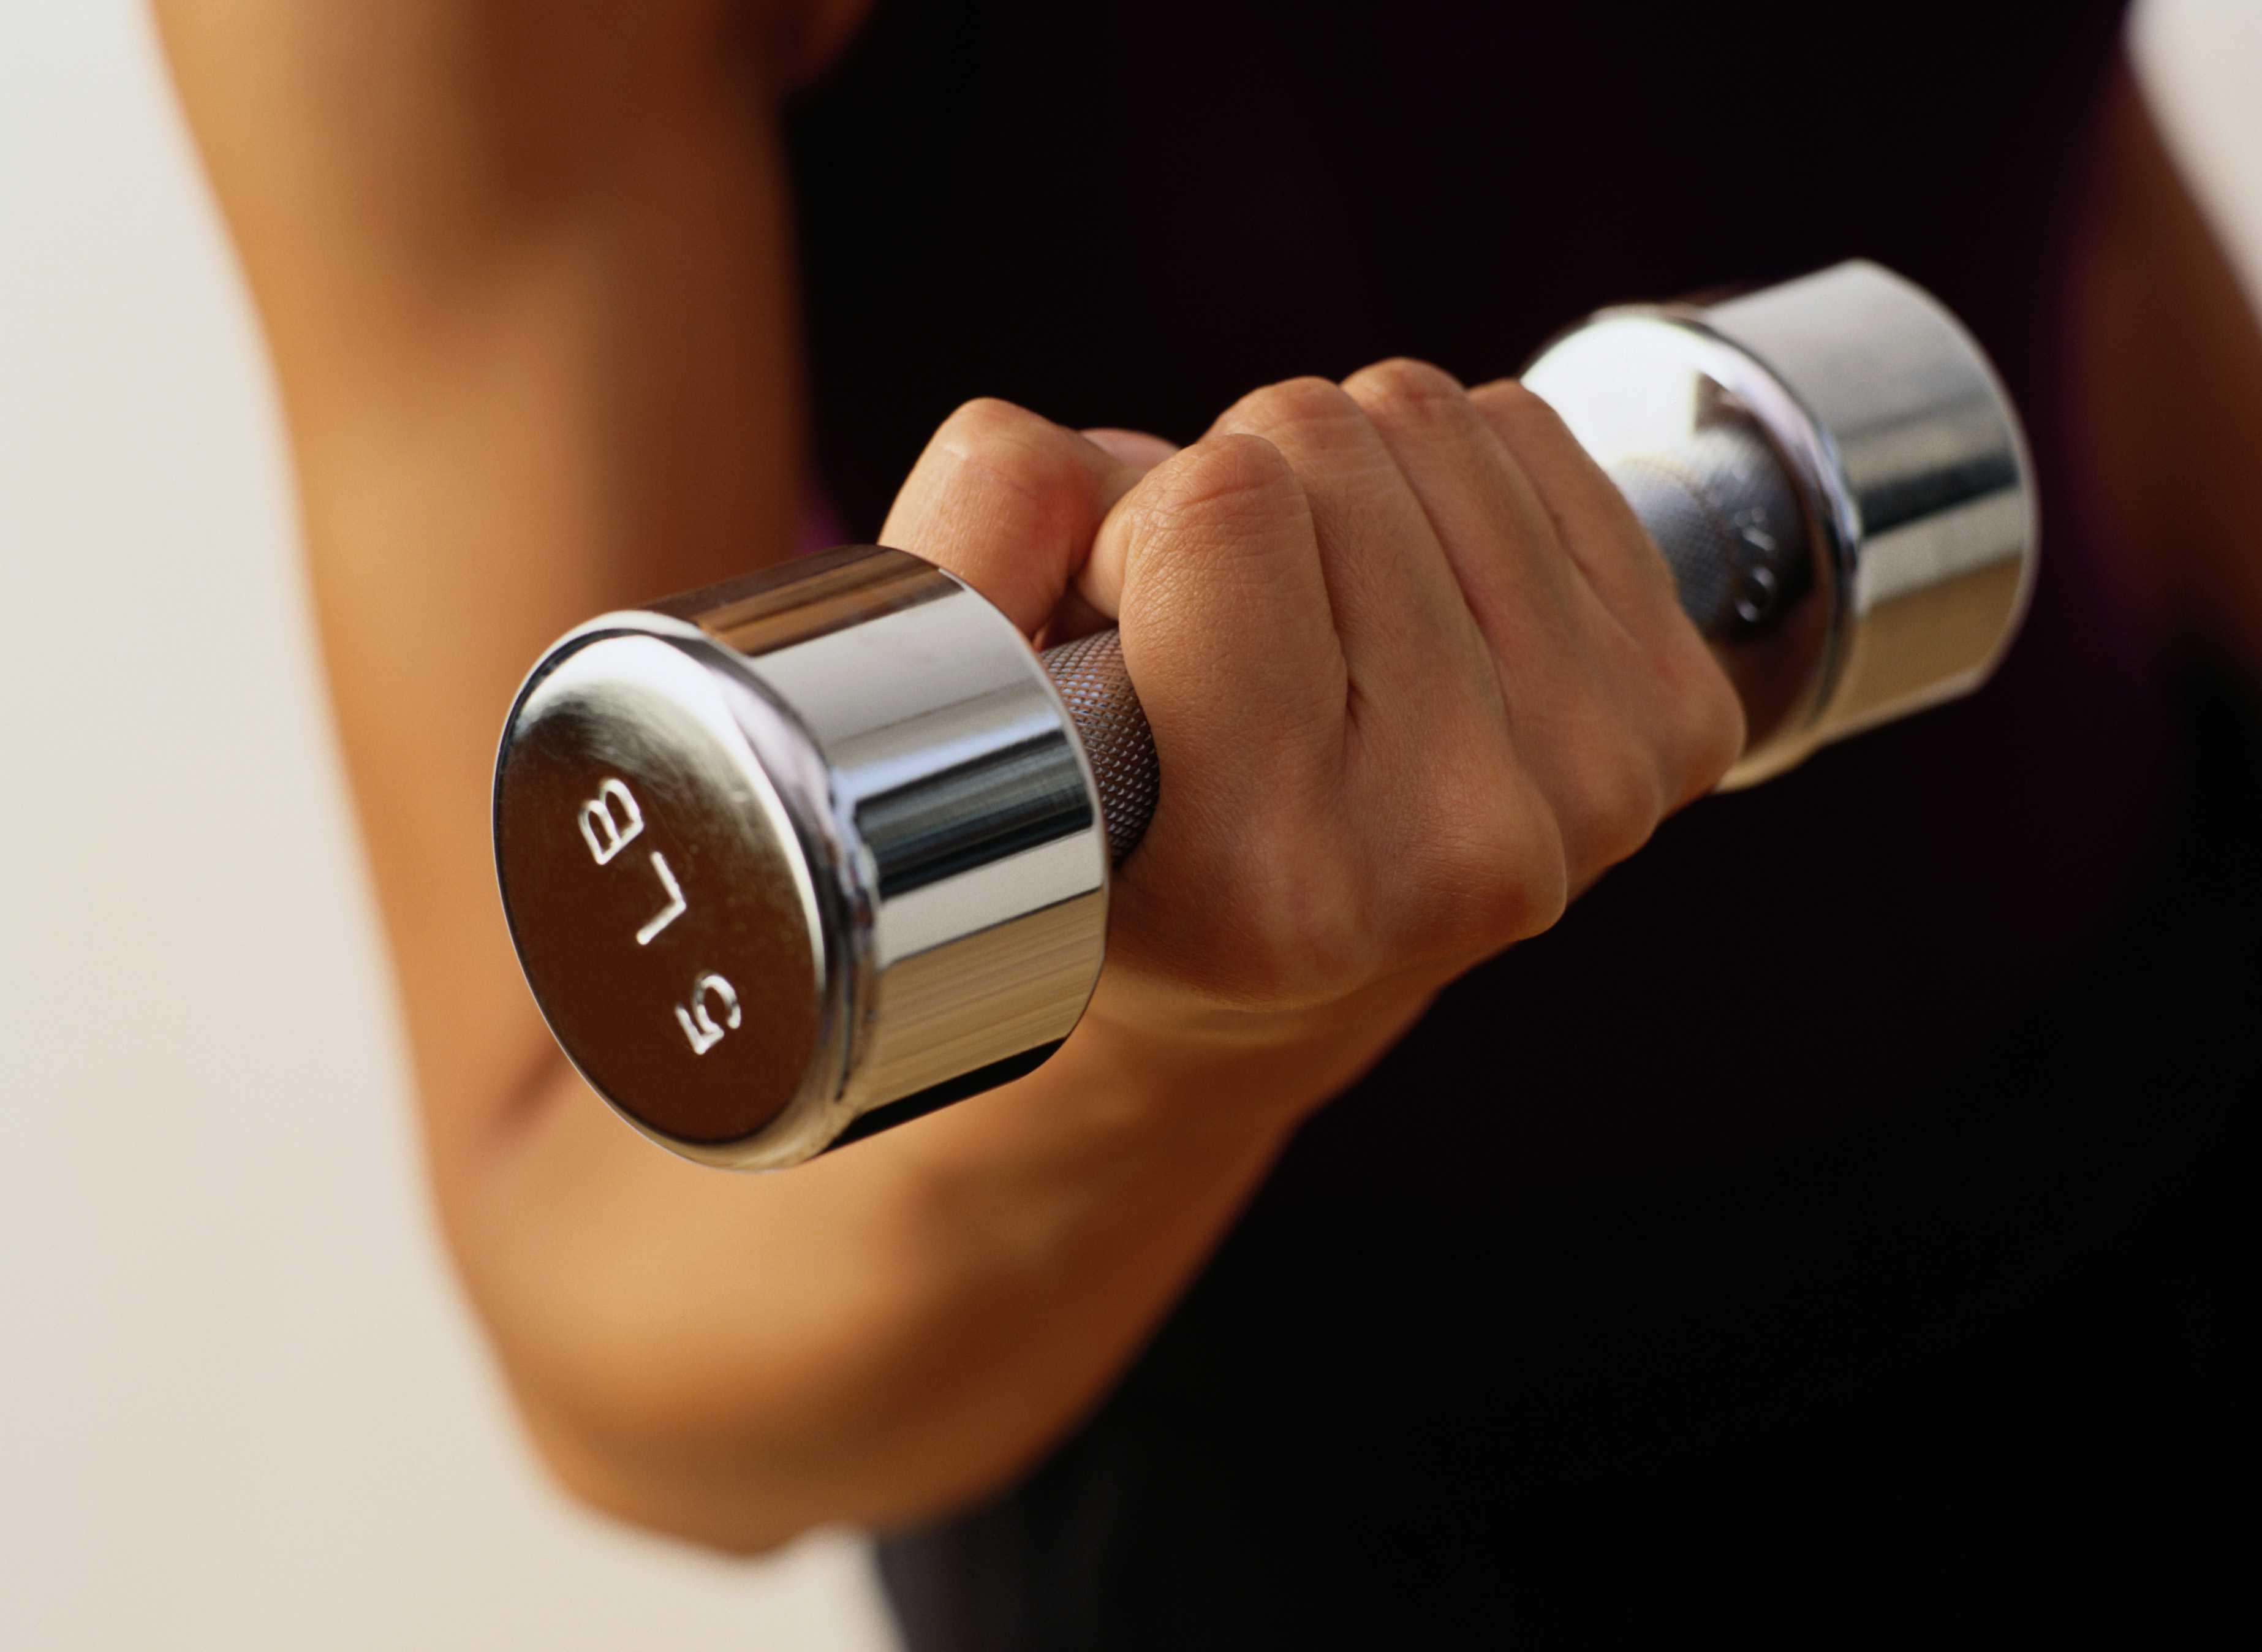 Avoir une meilleure masse musculaire en répartissant la prise de protéine